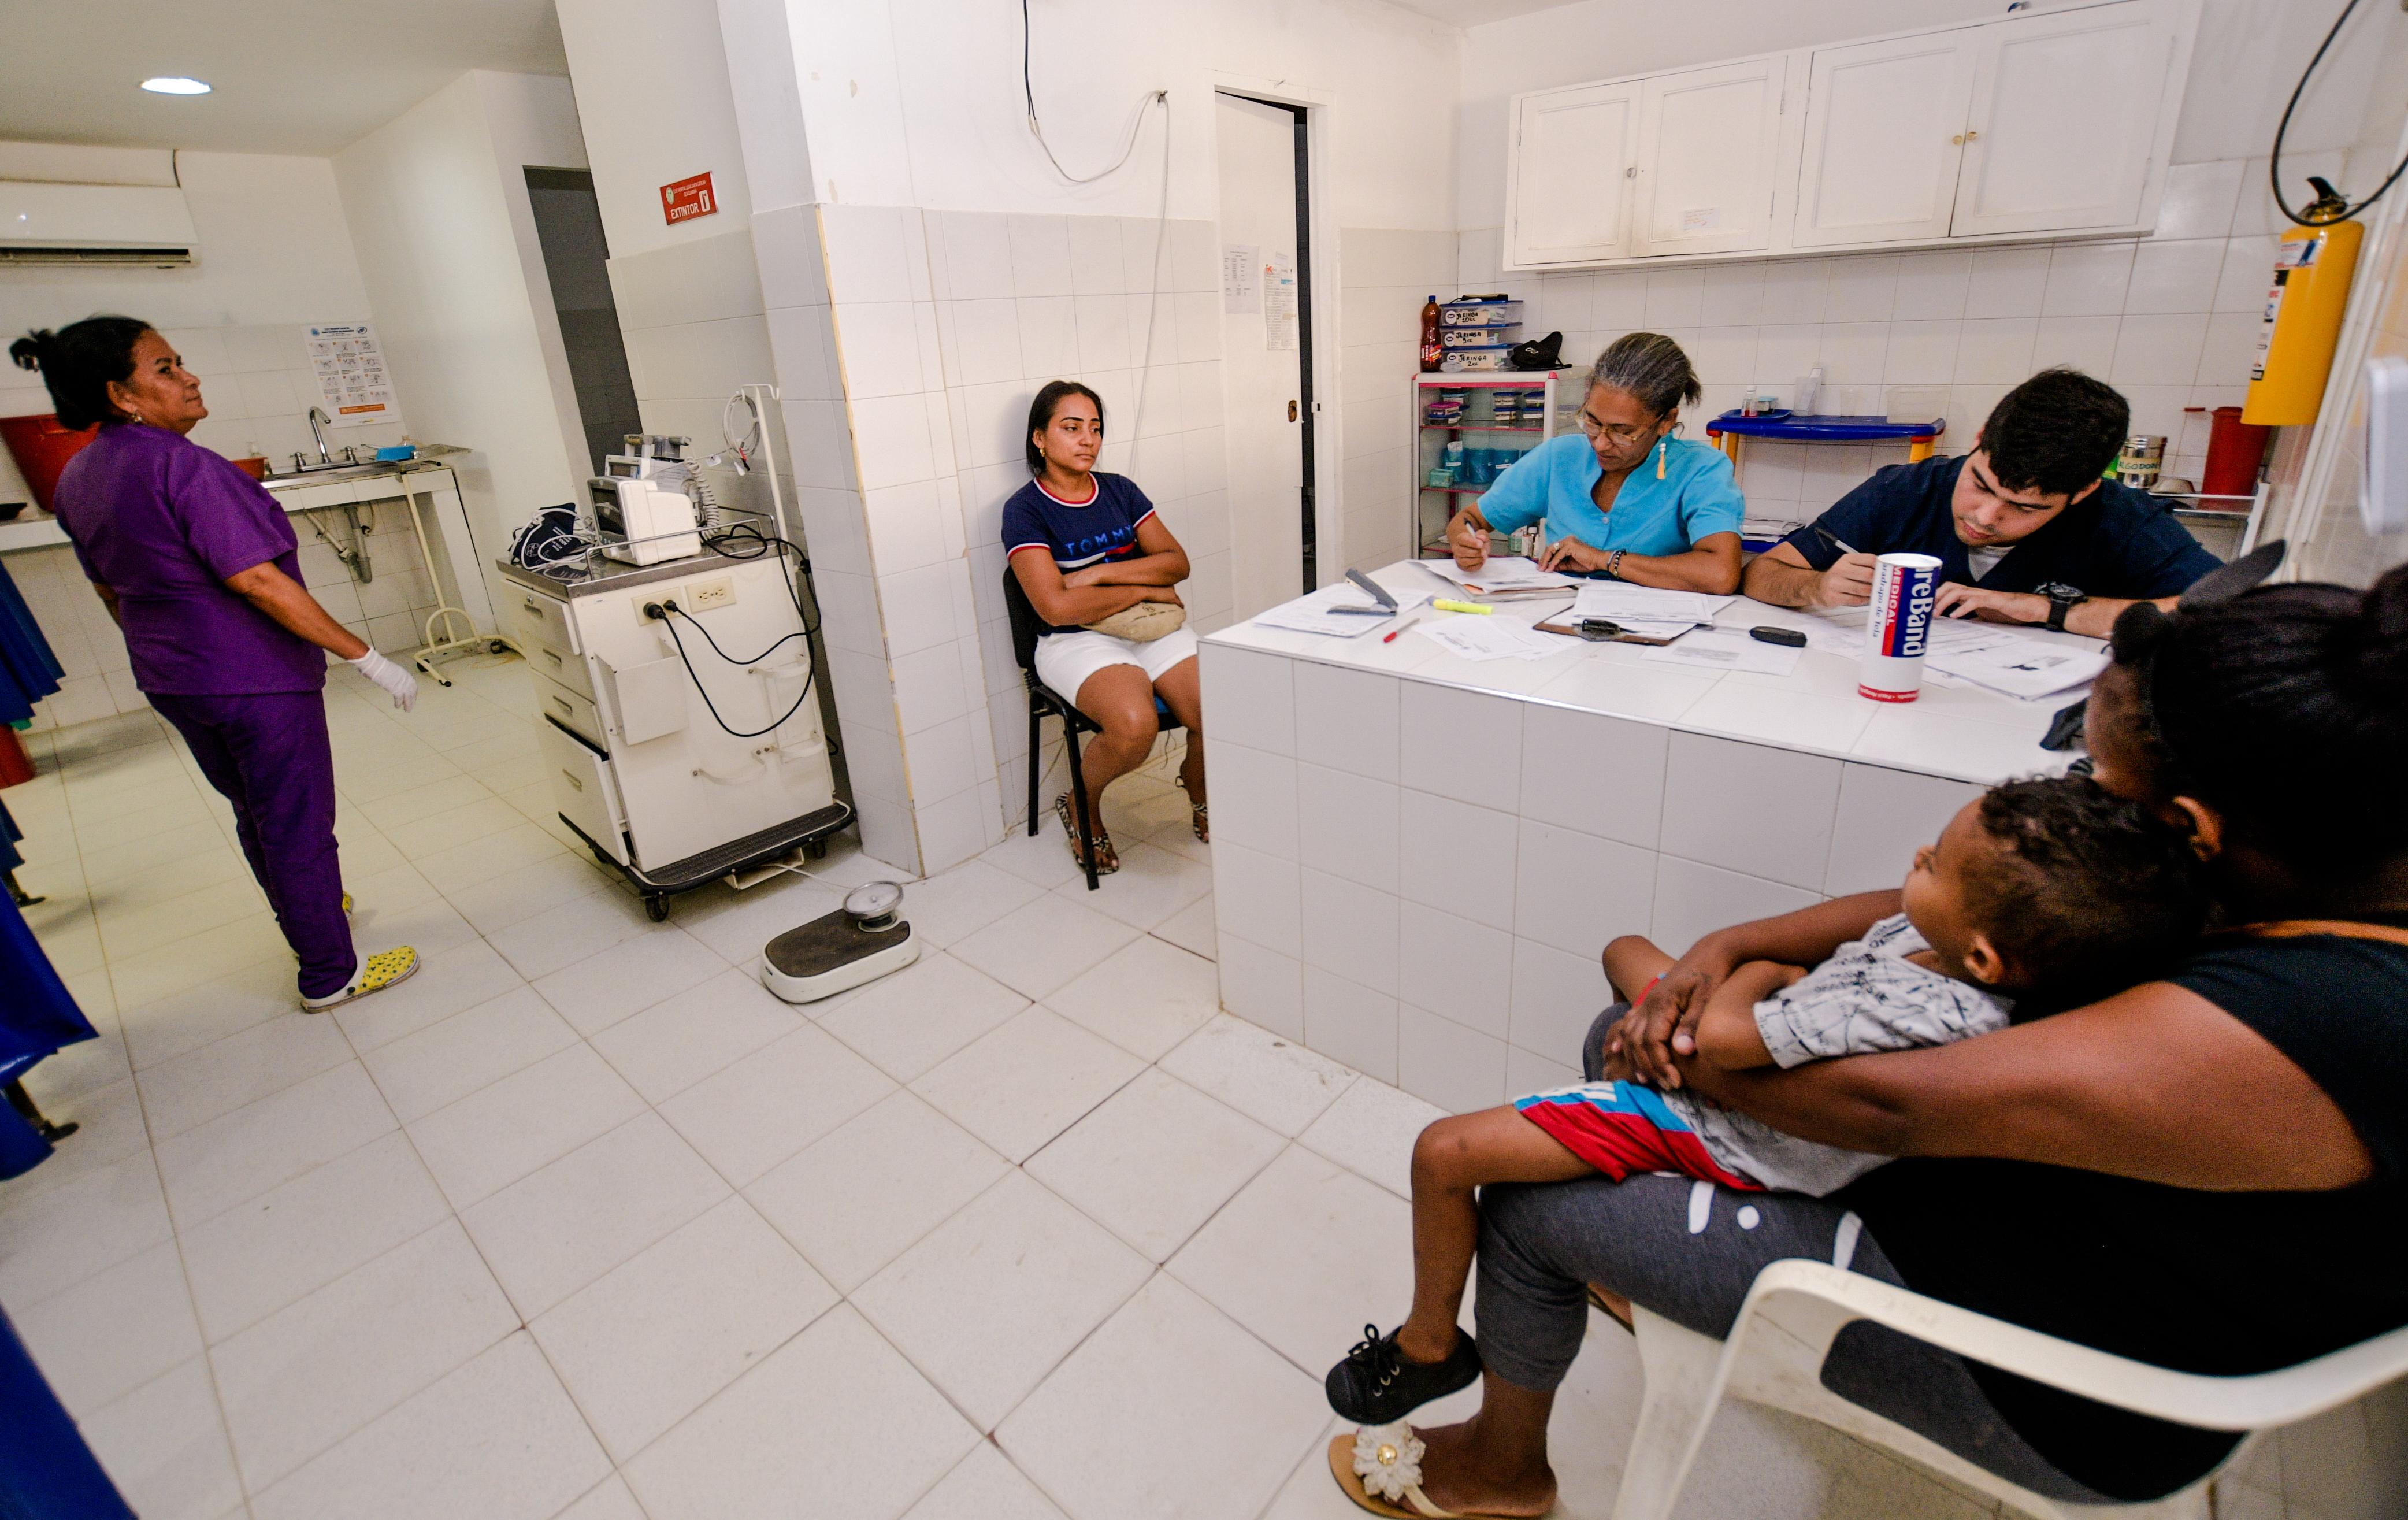 El Hospital de Santa Catalina tiene un deficiente servicio, según sus usuarios.